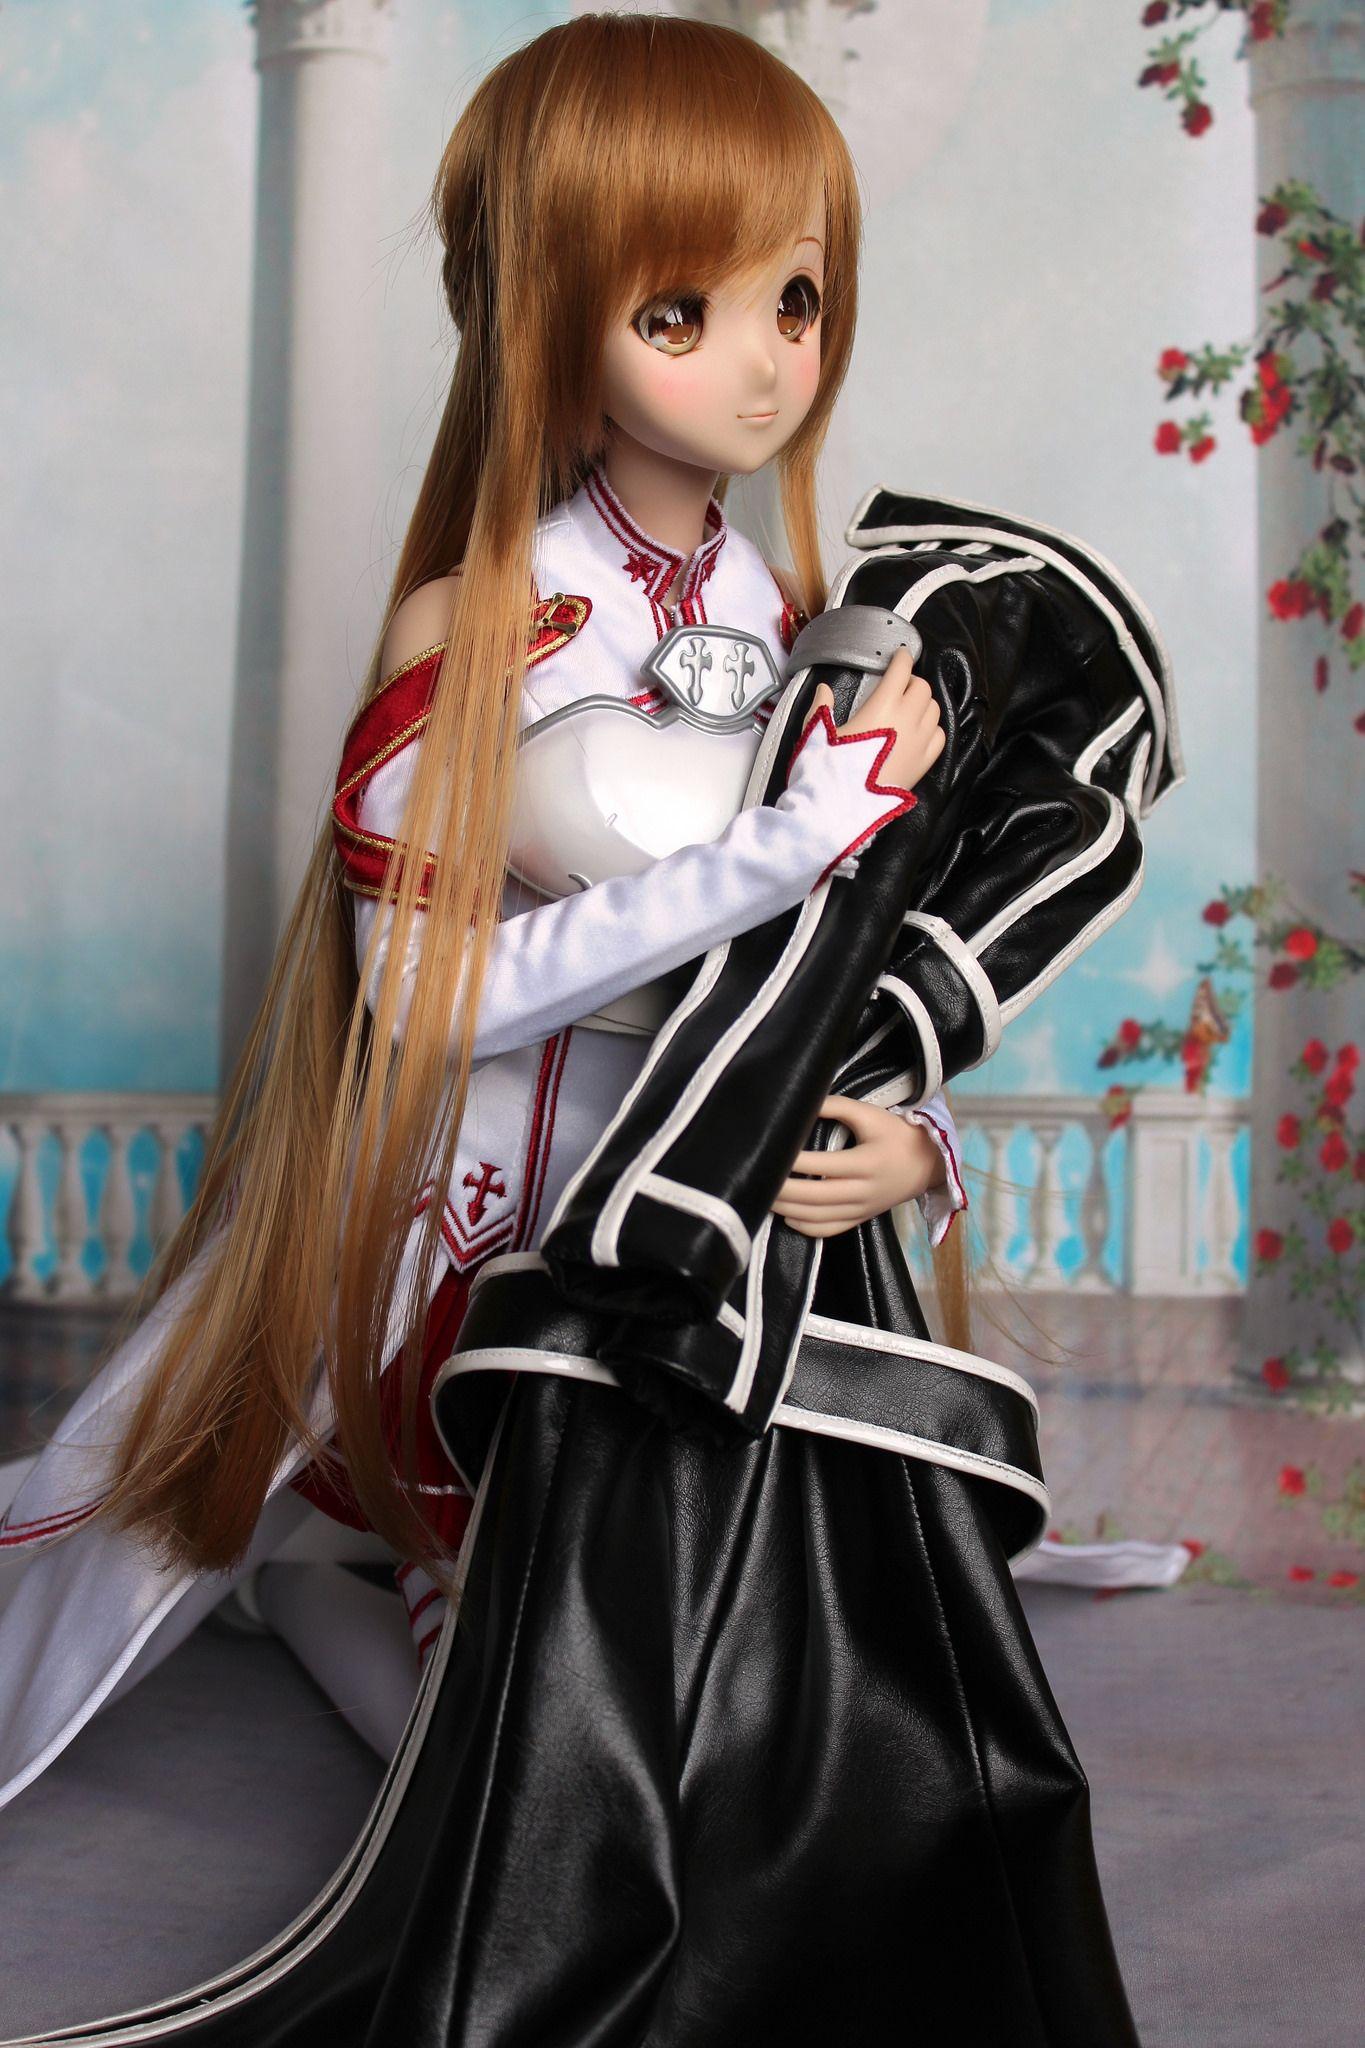 My Asuna Smart doll, Anime dolls, Cute dolls